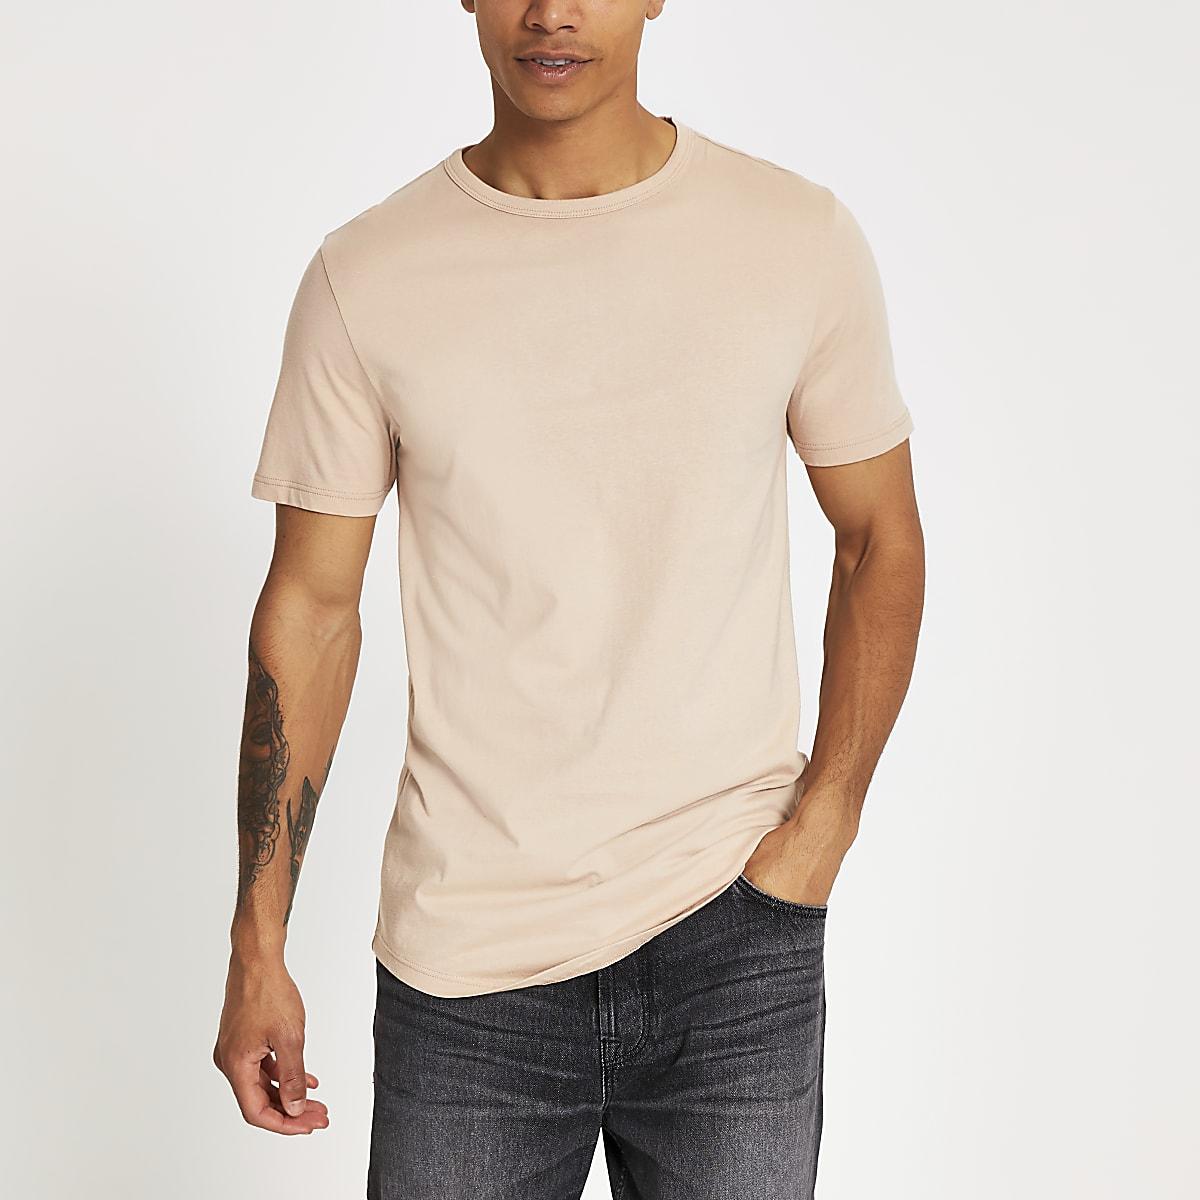 Kiezelkleurig lang T-shirt met ronde zoom